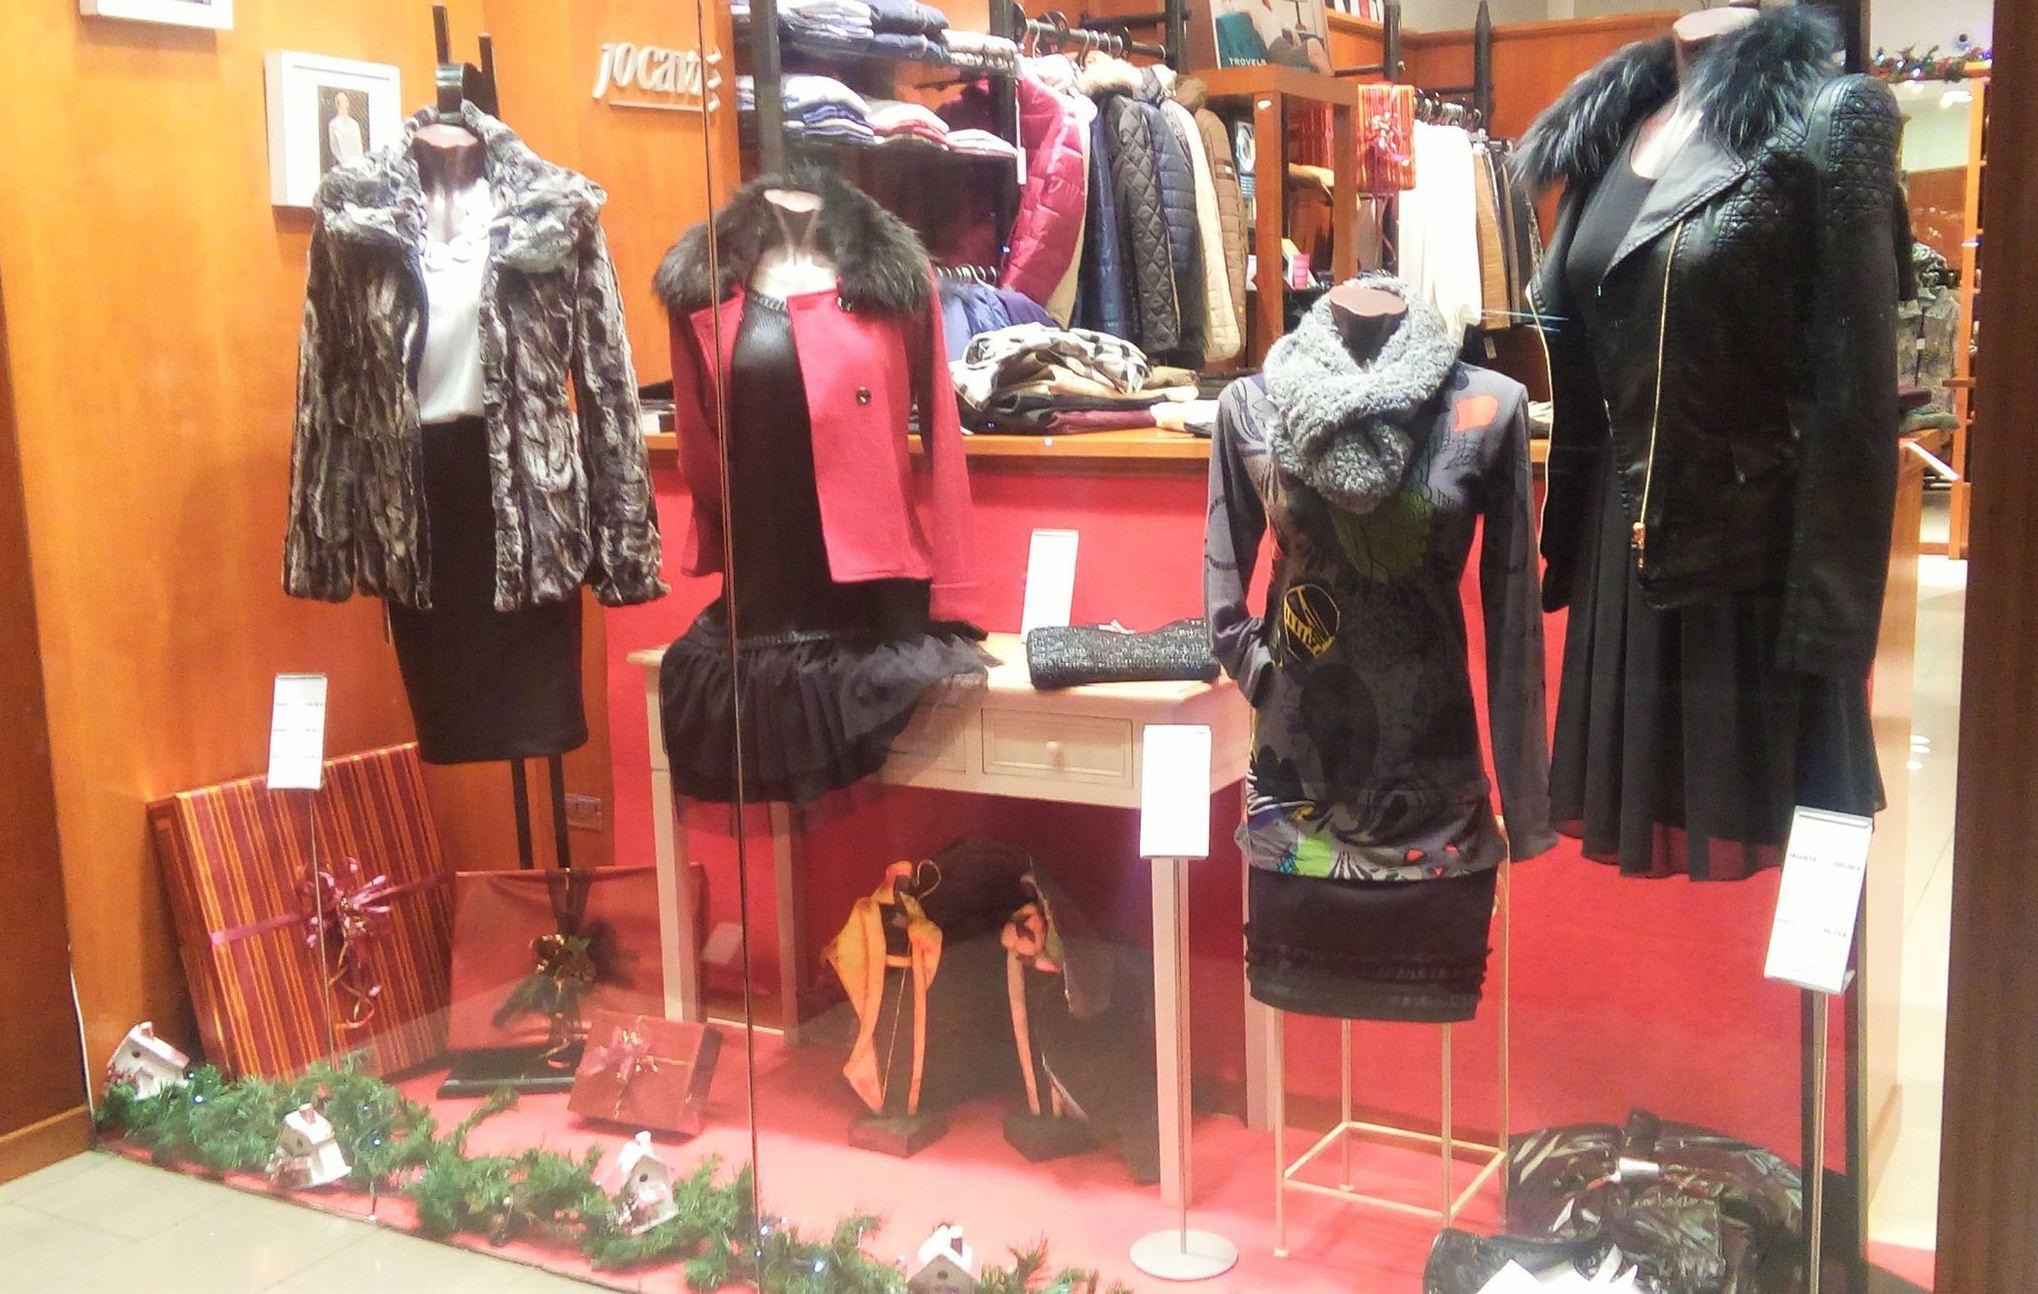 Tienda de ropa de mujer en Tarragona